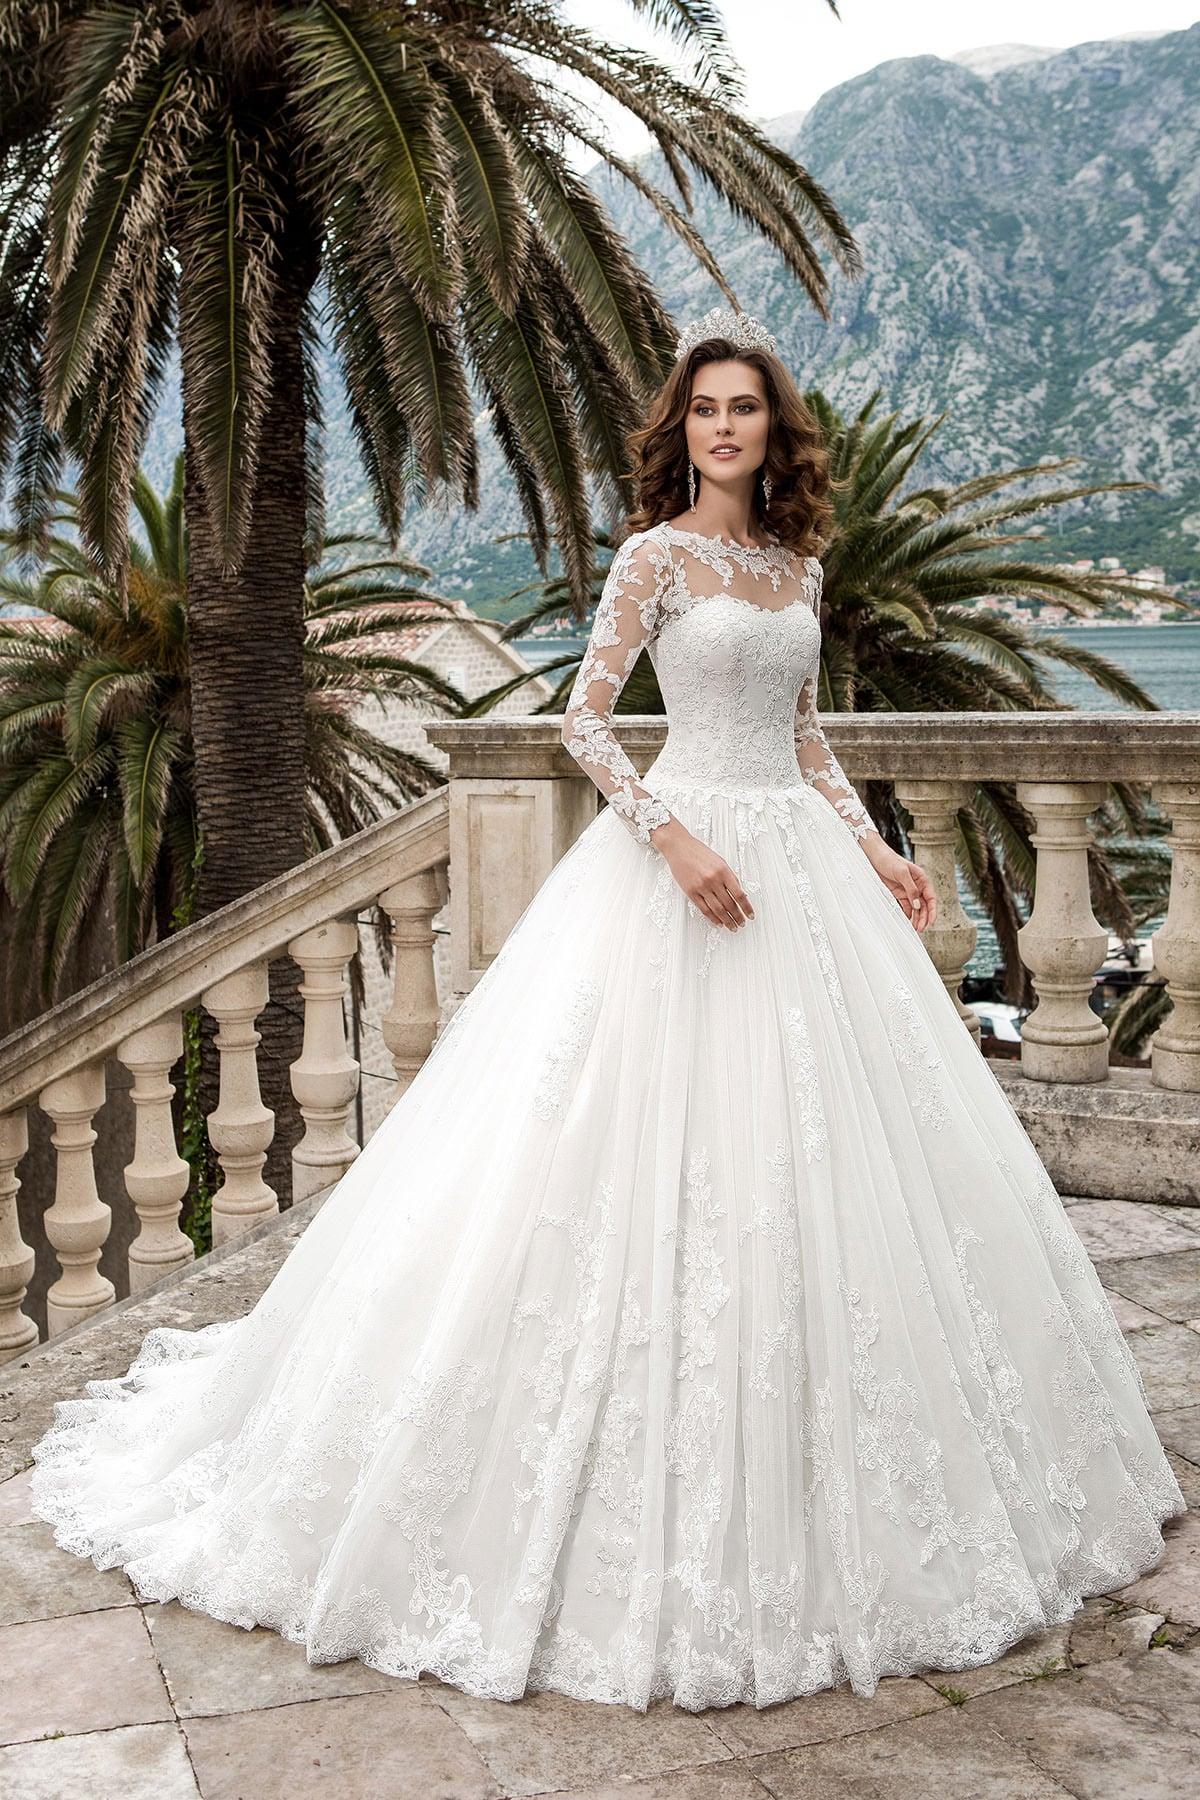 b80a75c9668 Свадебное платье «принцесса» с длинными кружевными рукавами и торжественным  шлейфом.